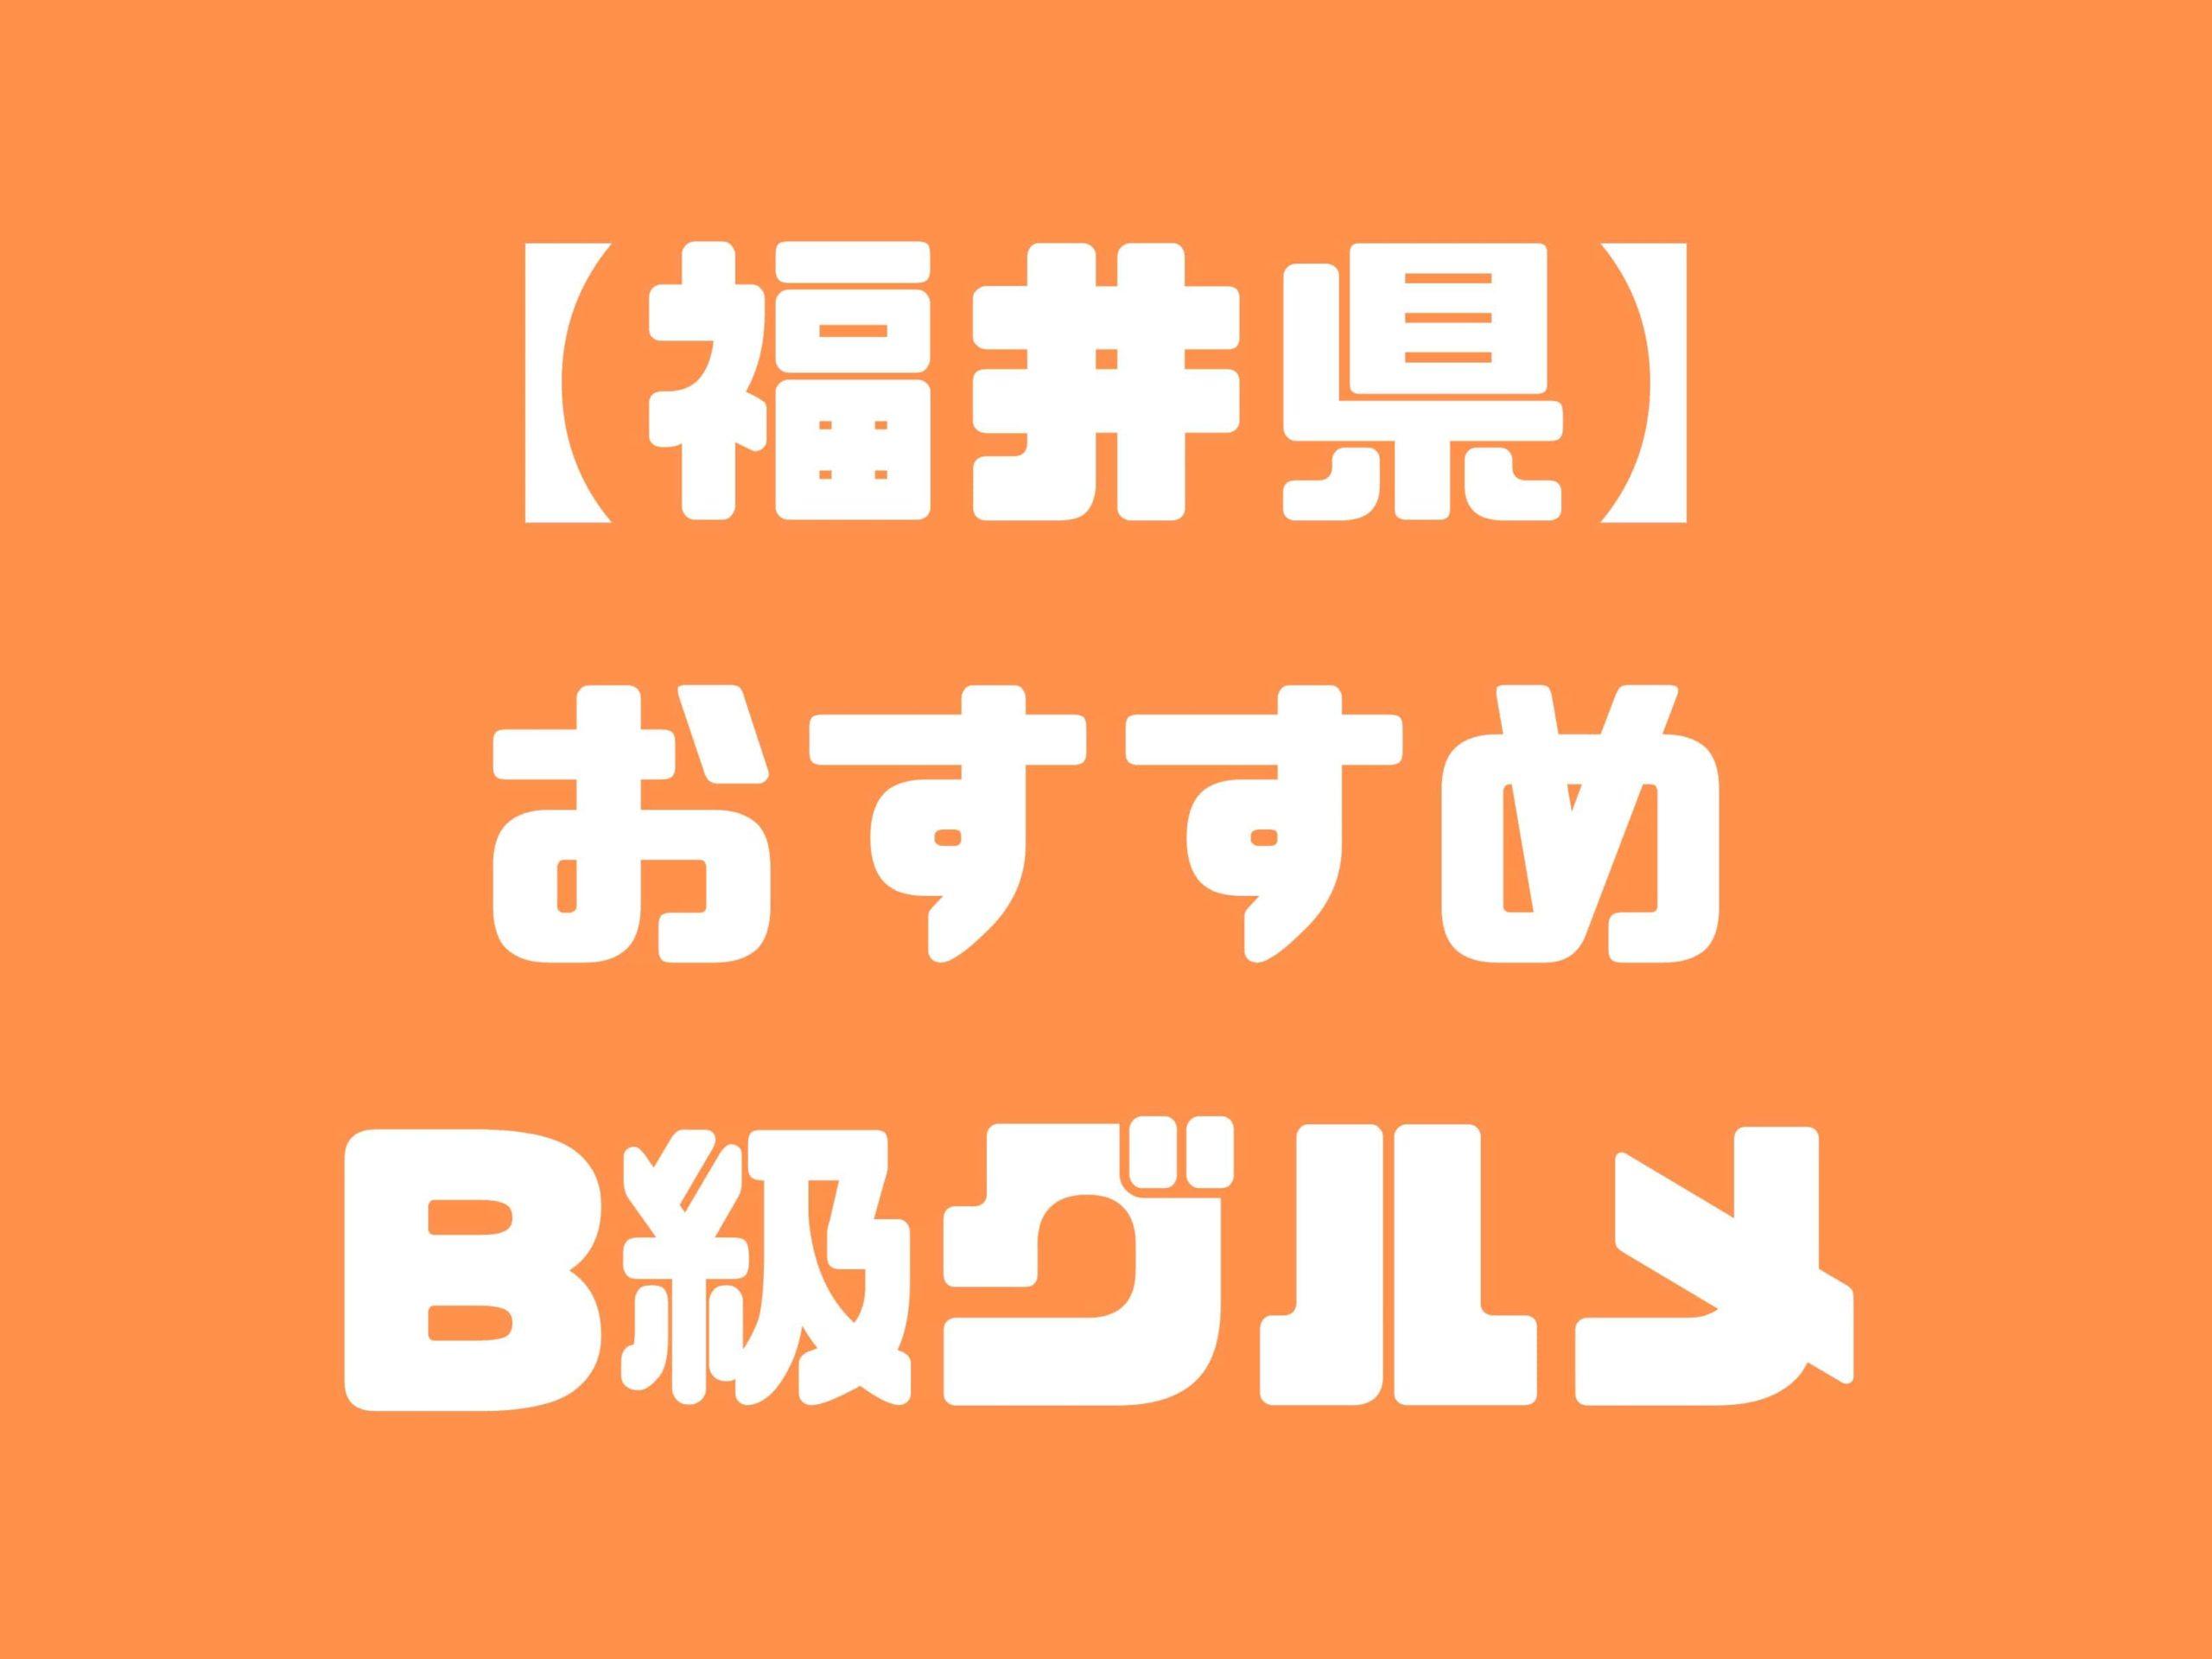 【長崎県版】秘密のケンミンSHOWまとめ